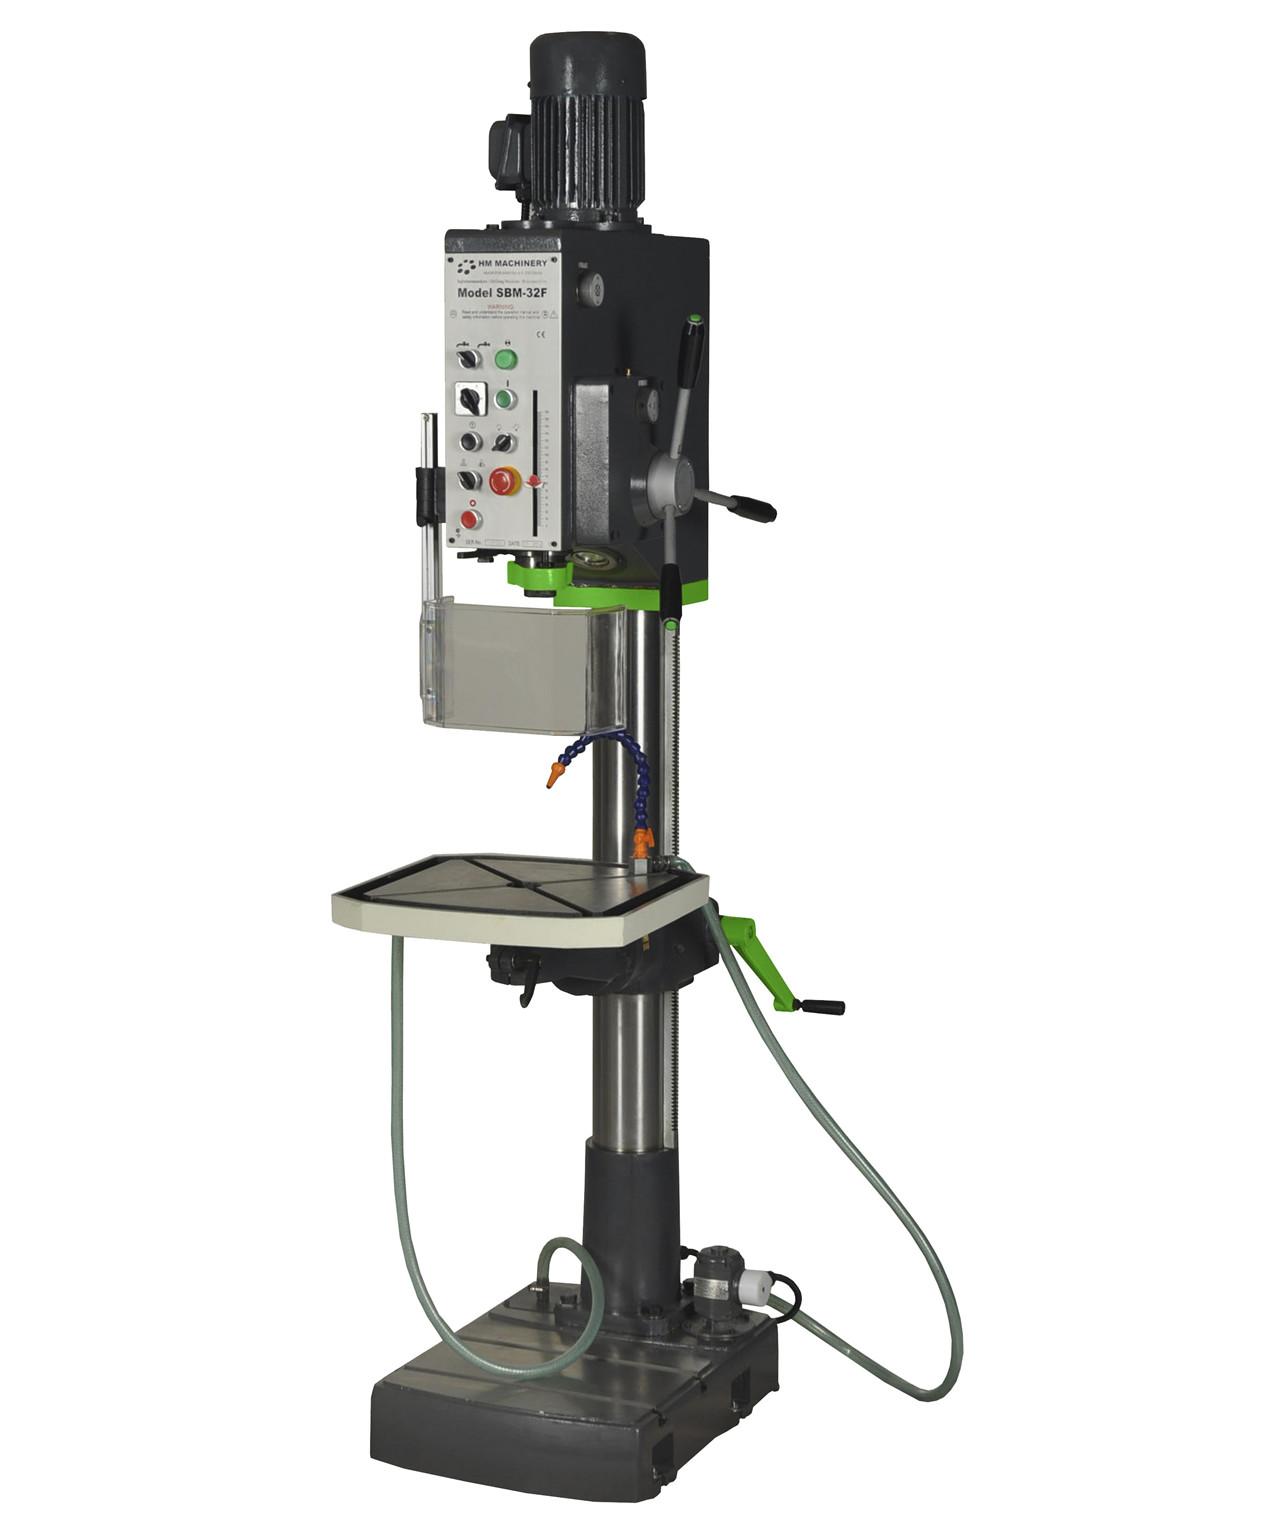 Groovy Maskinværktøj og tilbehør - Se vores maskinværktøj her på siden idag AS08